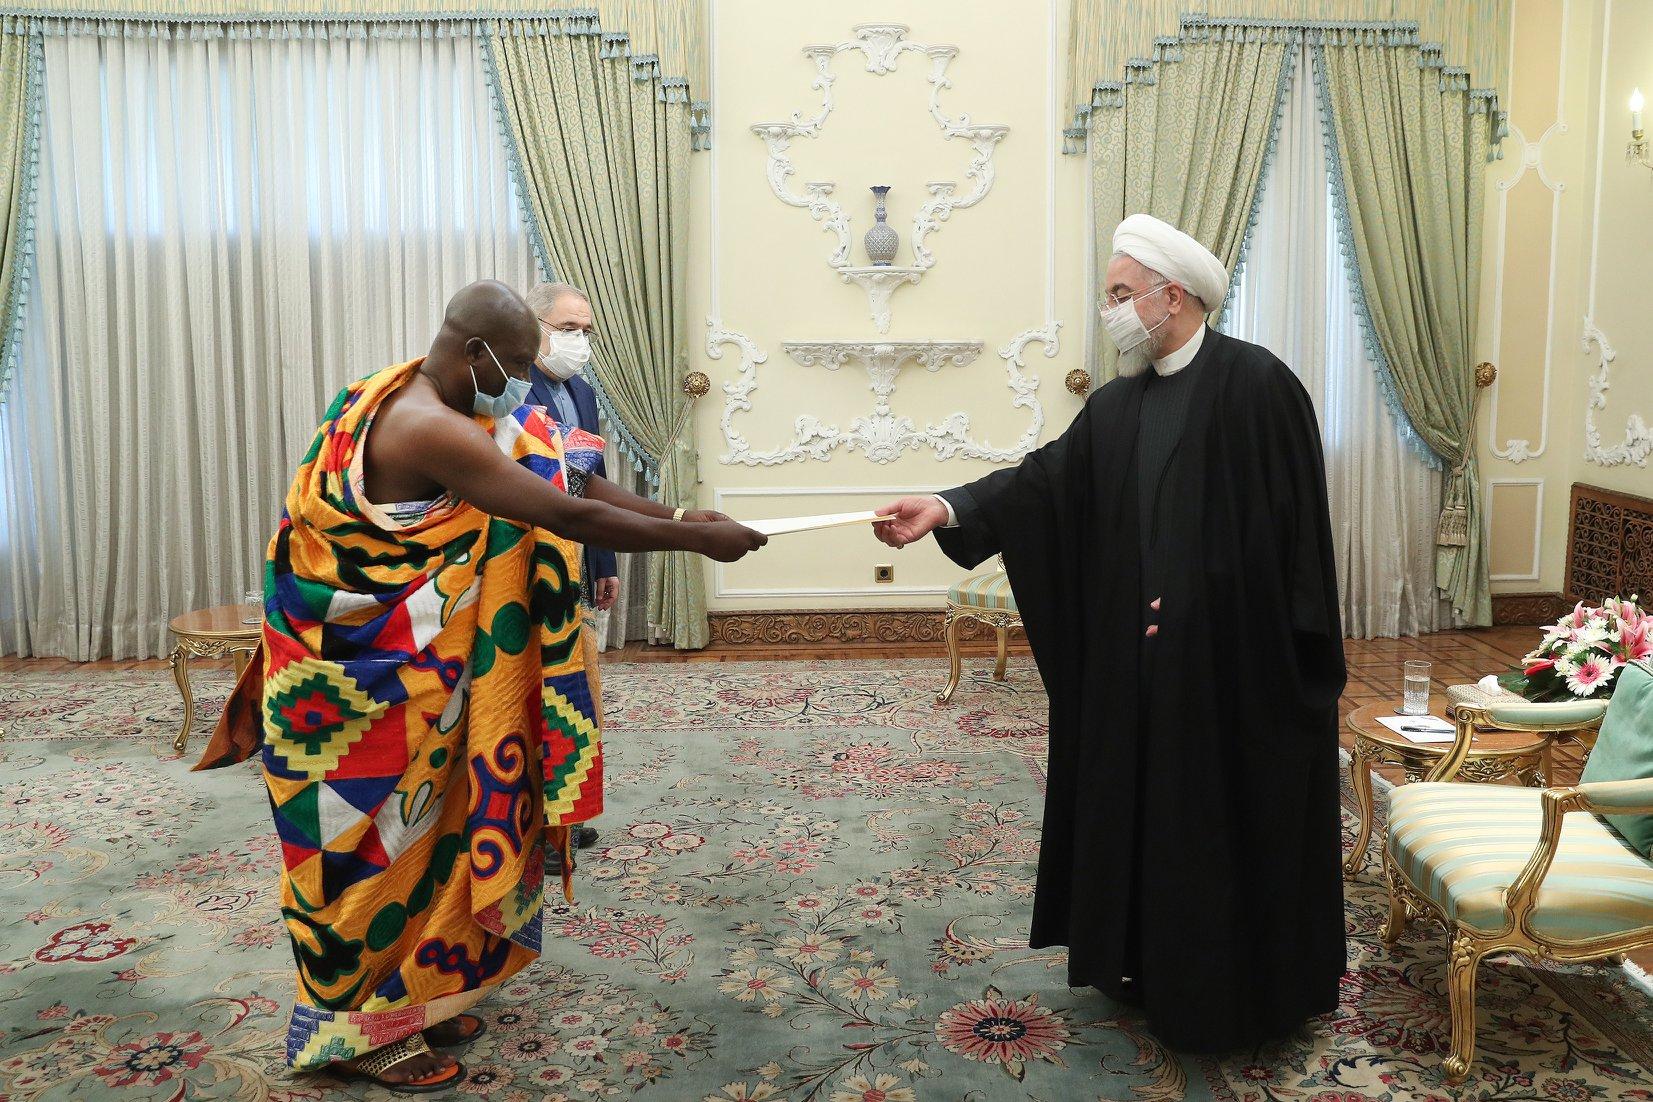 باڵیۆزی غانا لە ئێران بە جلوبەرگێکی کولتوورییەوە کارنامەکەی خۆی پێشکێشی حەسەن رووحانی